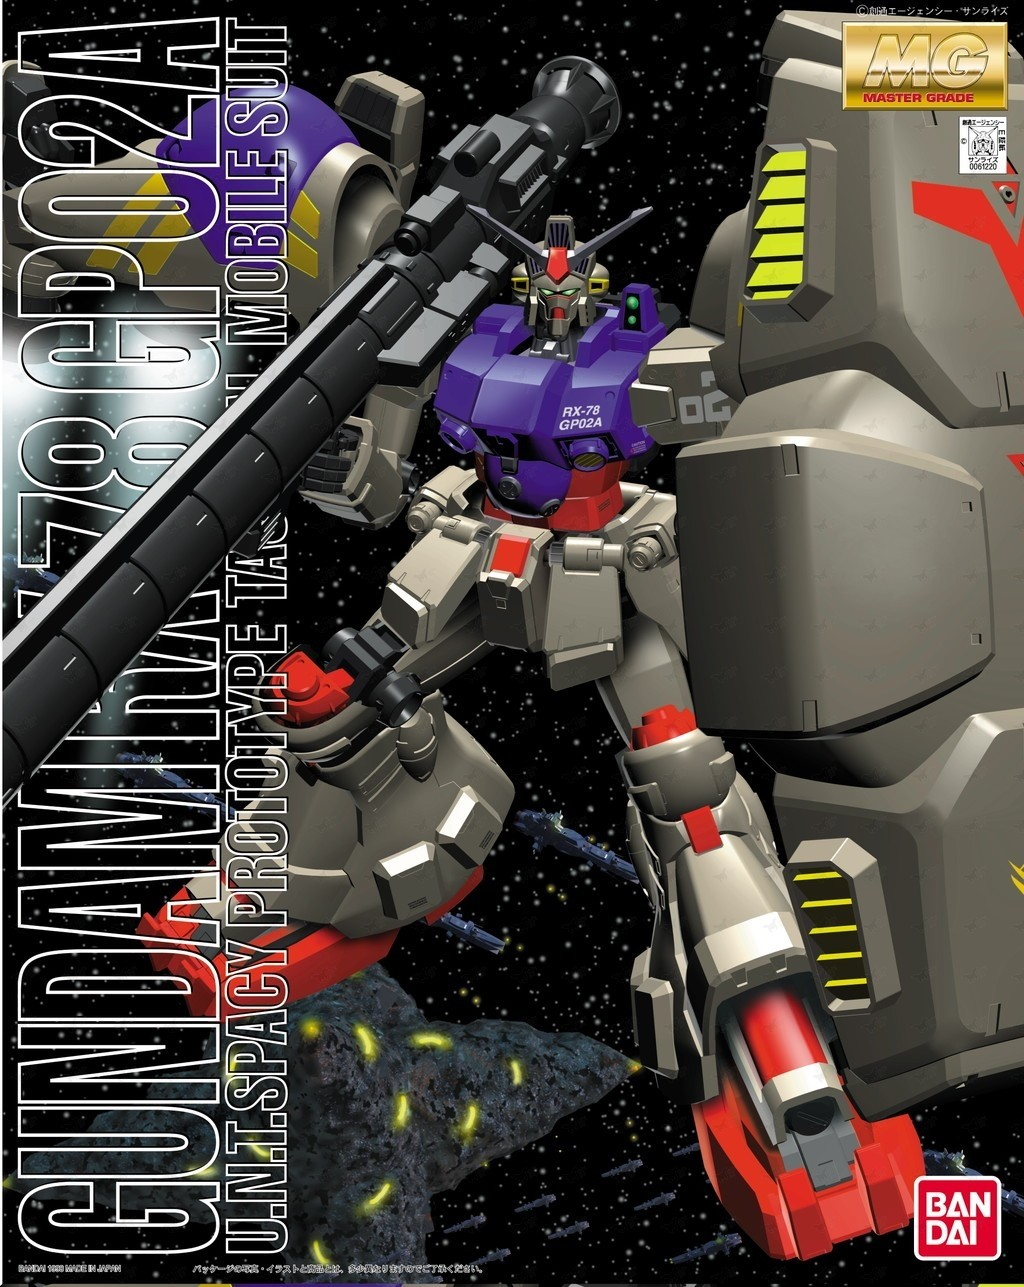 MG GUNDAM RX-78 GP02A 1/100 - GUNPLA